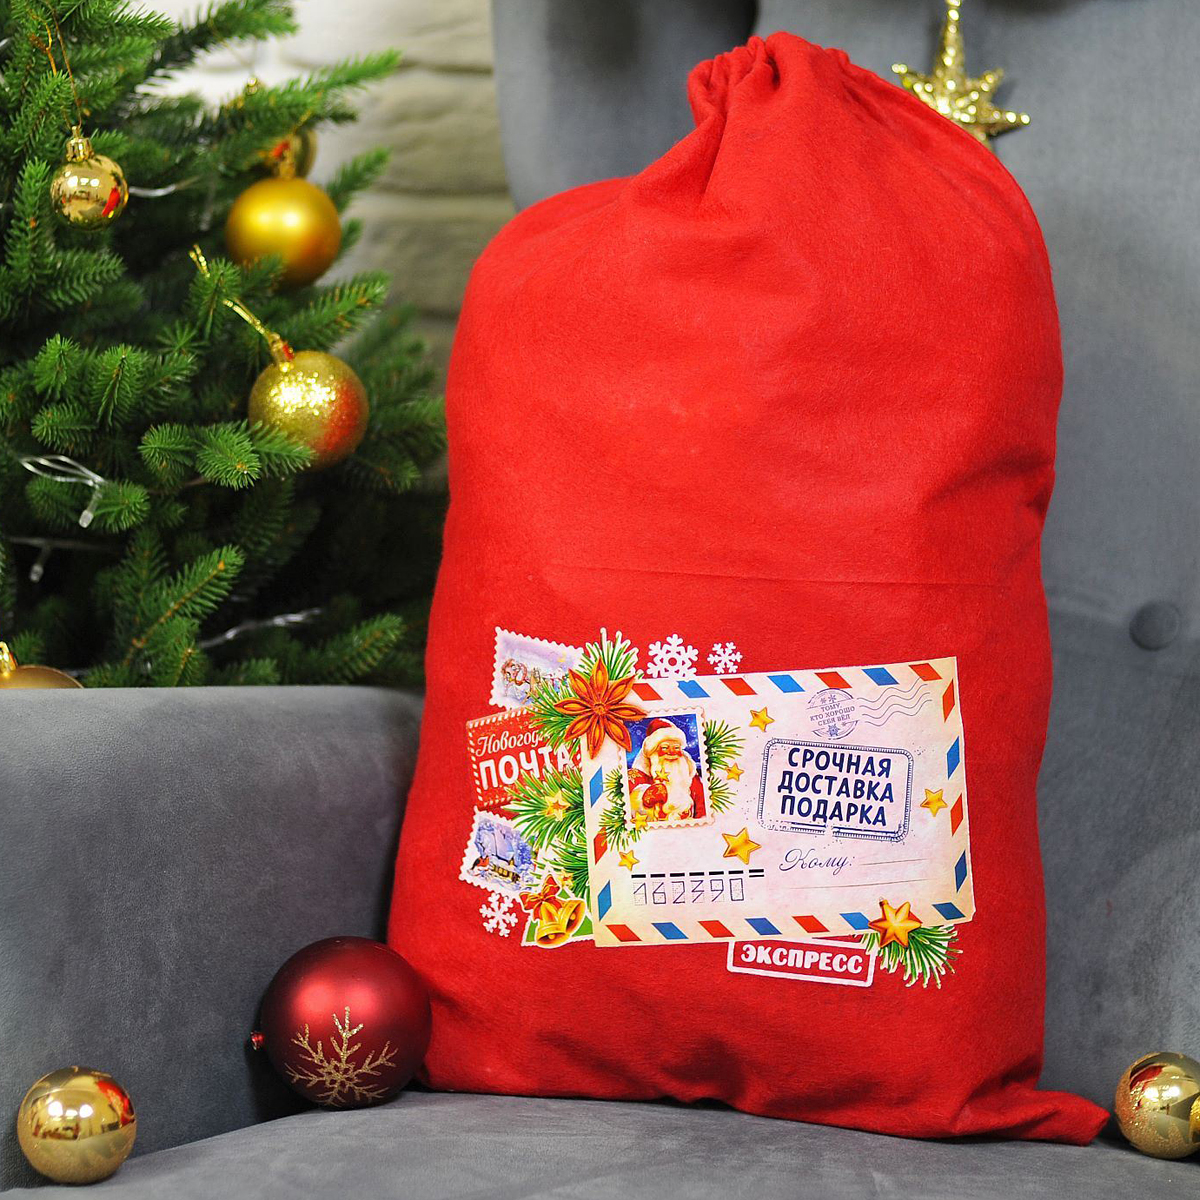 Упаковка подарочная Страна Карнавалия Мешок Деда Мороза. Срочная доставка подарков, цвет: красный, 40 х 60 см2226419Подарочная упаковка Страна Карнавалия Мешок Деда Мороза. Срочная доставка подарков превратит любое торжество в настоящий яркий и веселый карнавал полный сюрпризов и смеха. Яркий красный аксессуар, с изображением праздничного конверта, дополнит любой праздничный наряд, и все близкие будут рады получить из рук краснощекого персонажа заслуженный подарок!Размер: 40 х 60 см.